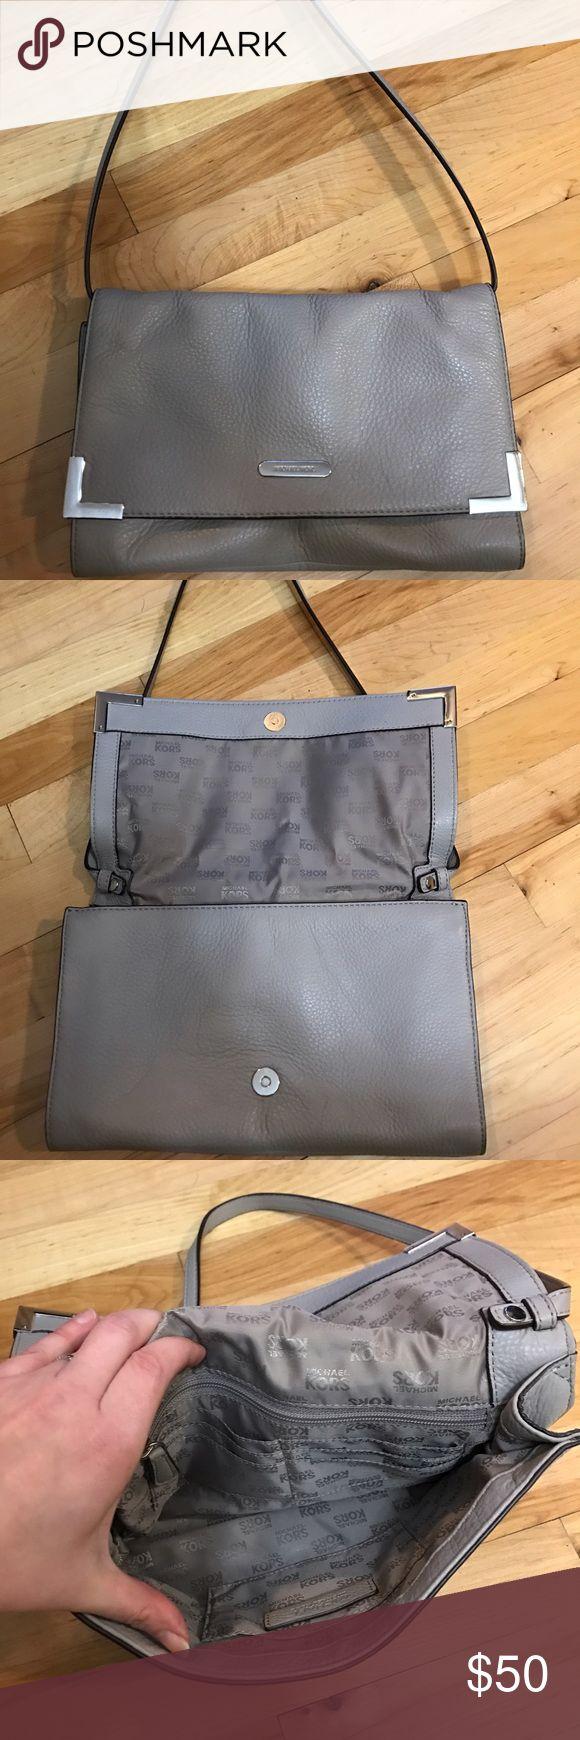 Michael Kors Small bag Small light grey shoulder bag. Great condition Michael Kors Bags Shoulder Bags